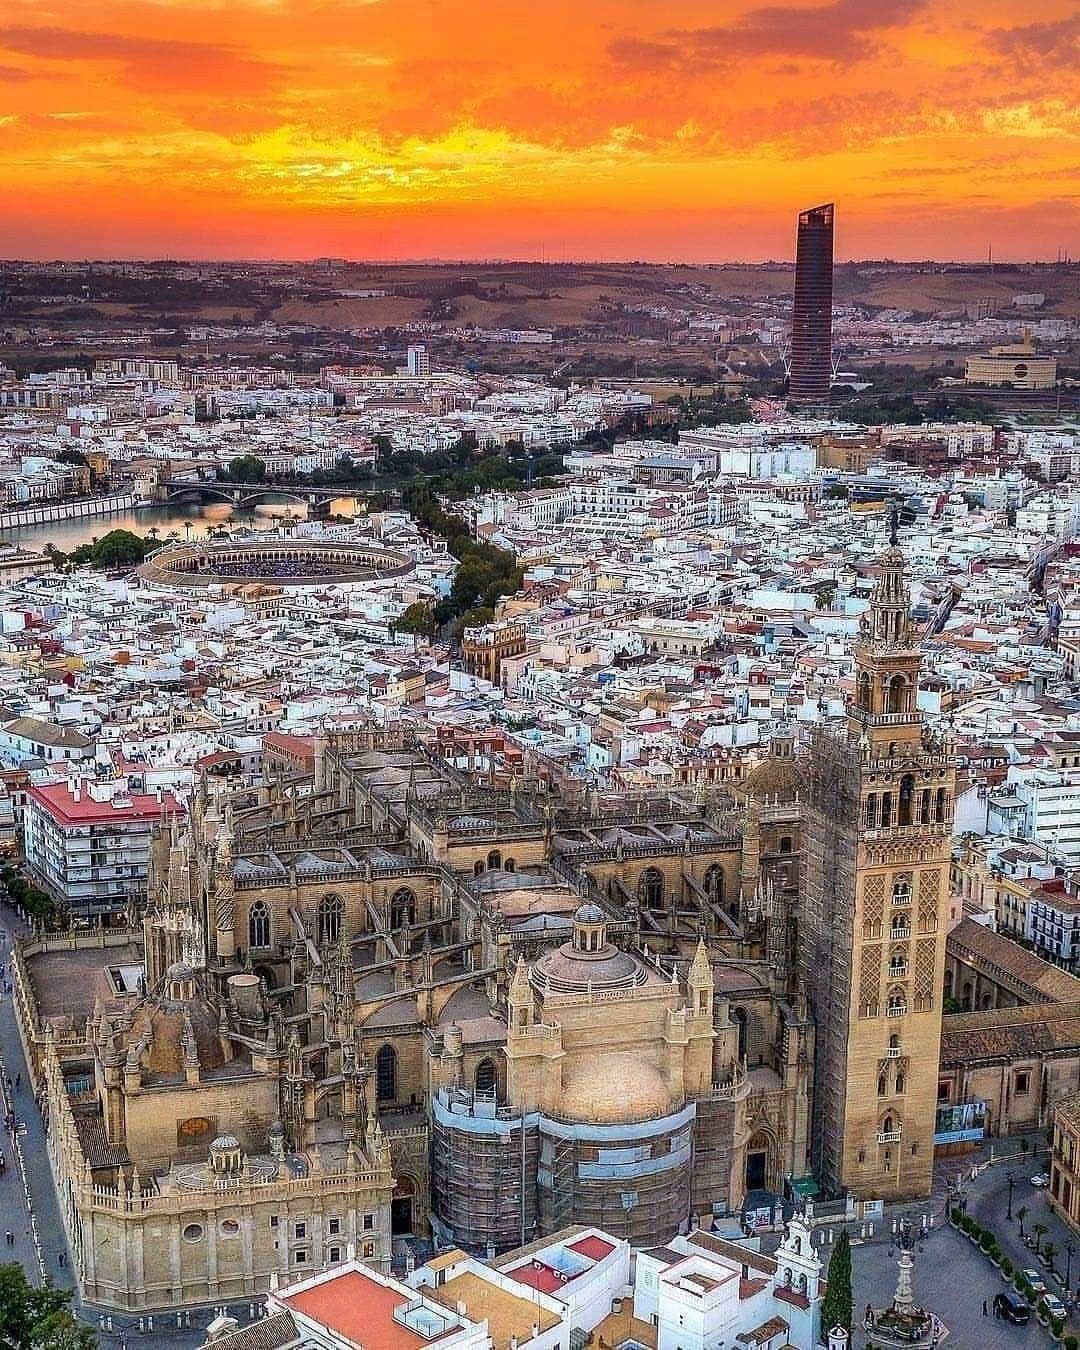 Pin de lucia faleiro en Sevilla,rincones | Sevilla españa, Catedral de  sevilla, Sevilla